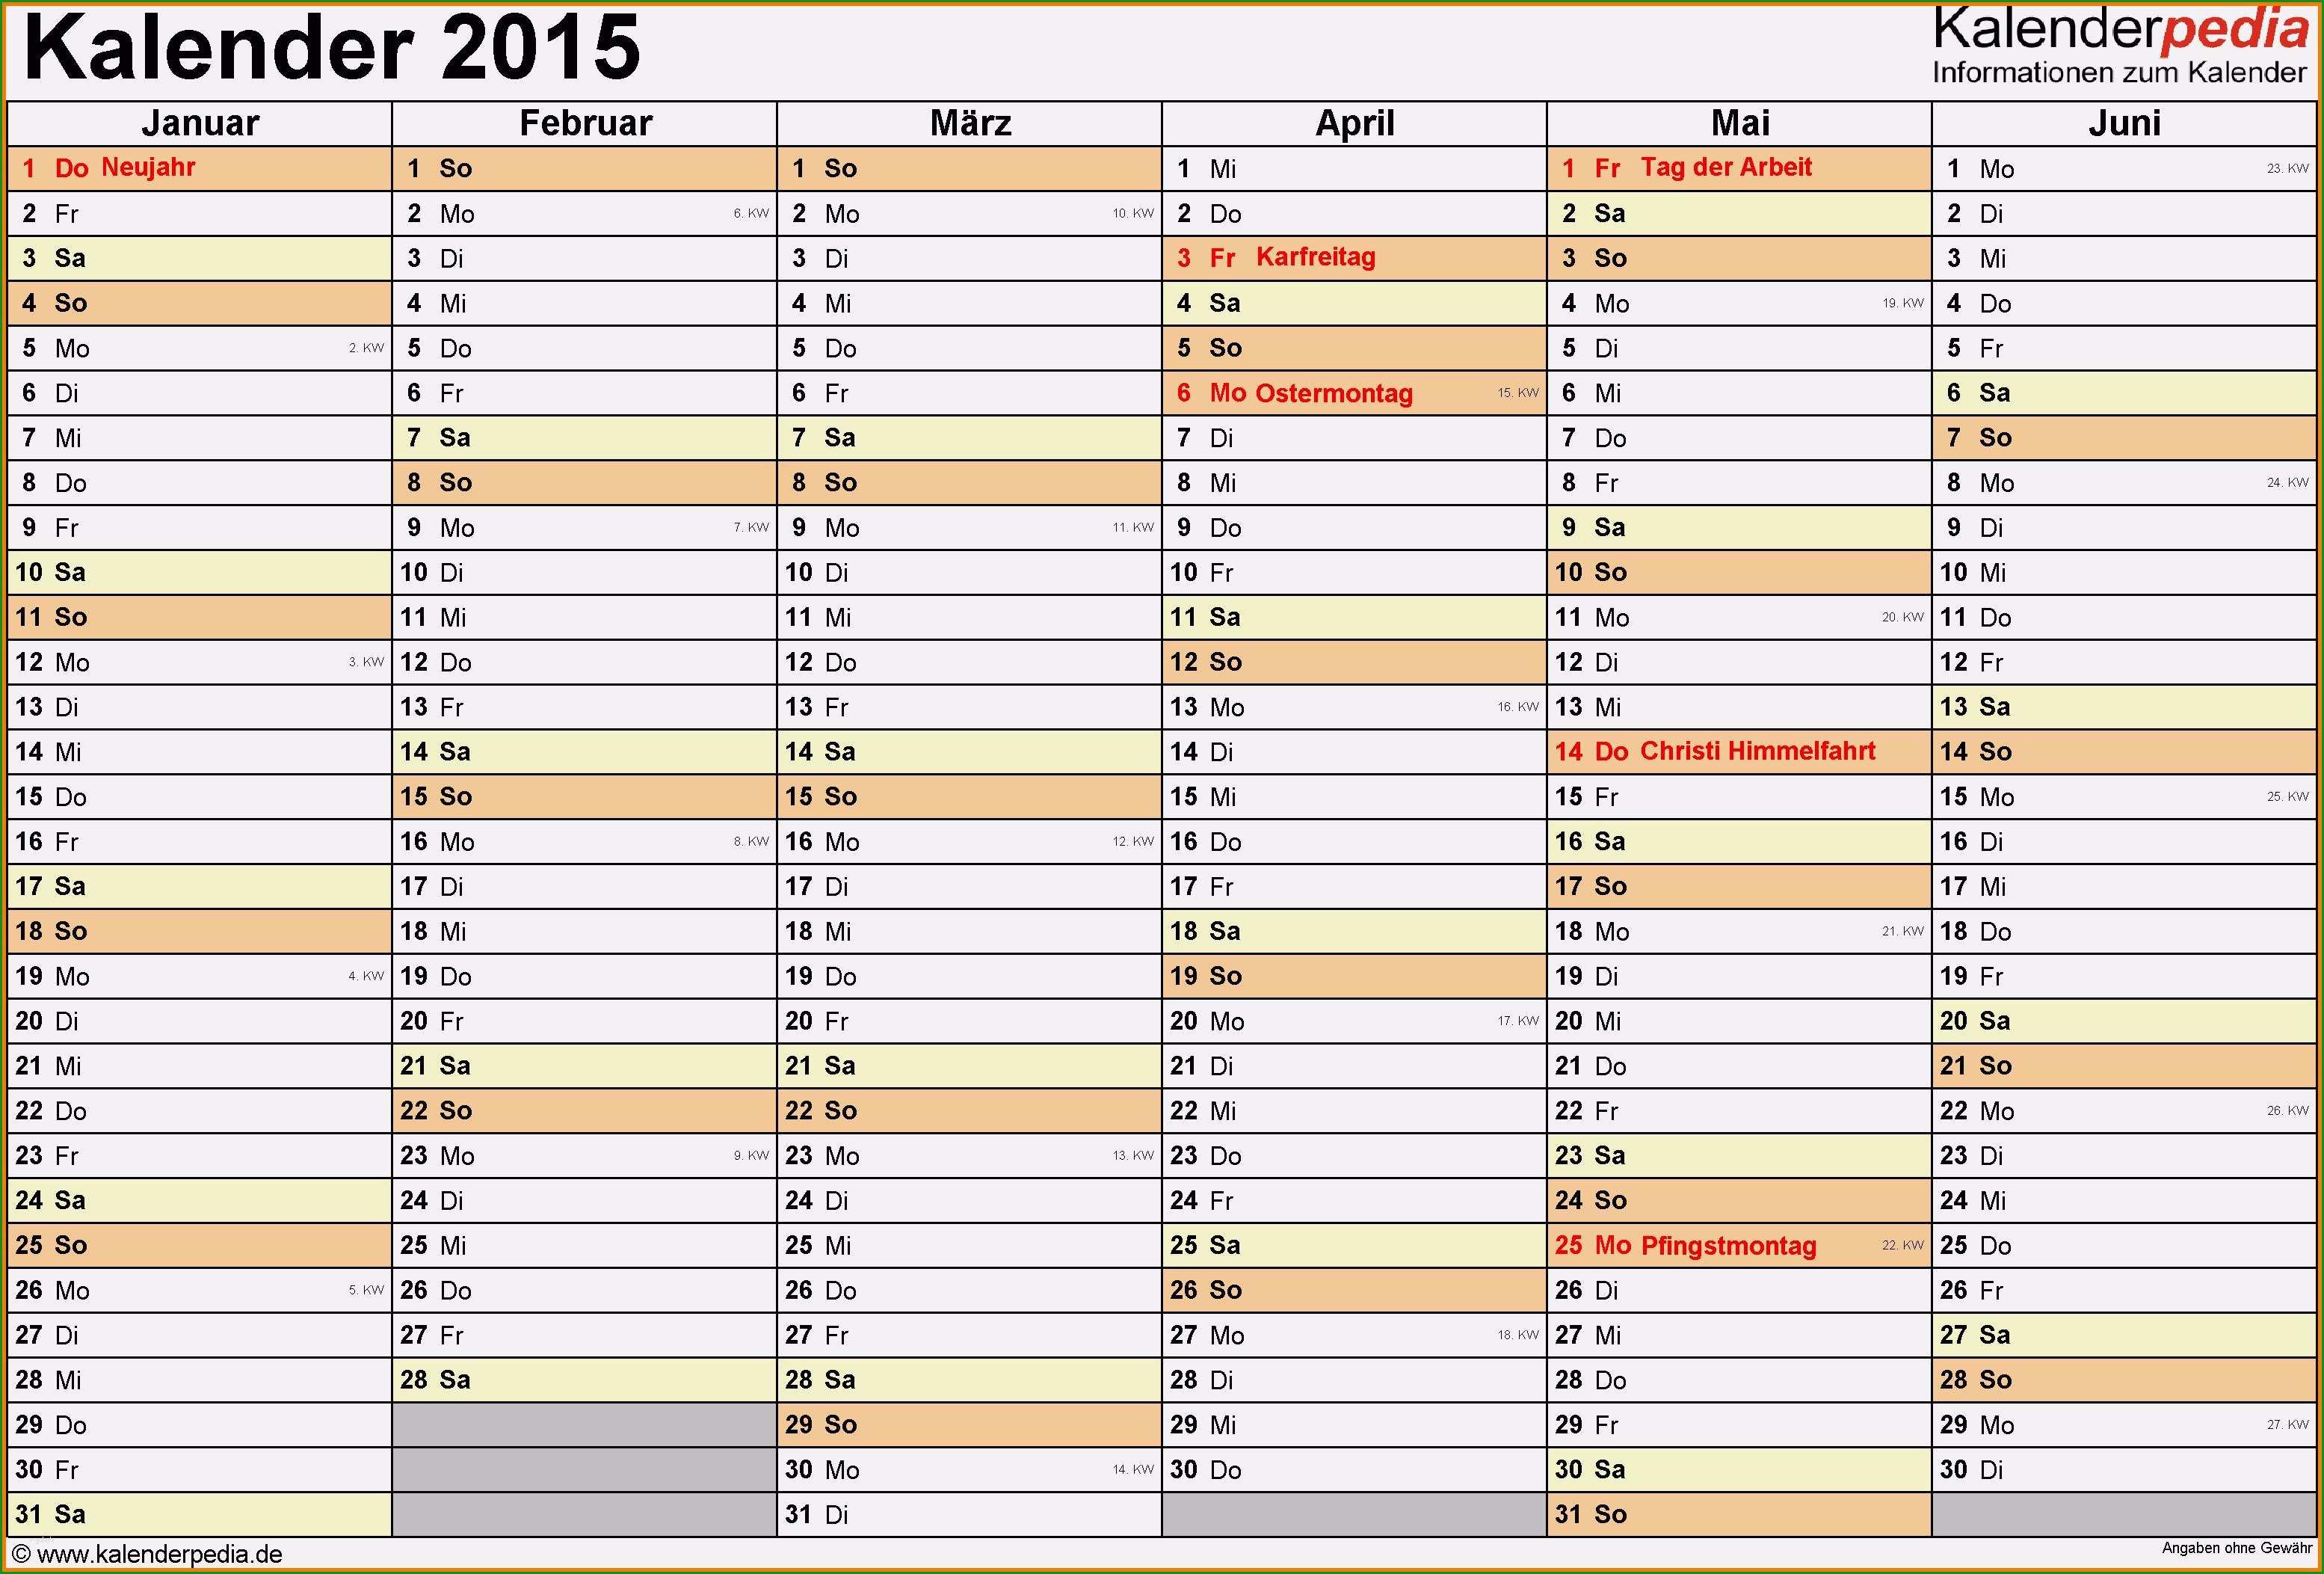 excel vorlage kalender best of arbeitsstunden 2016 kalender 2015 q analysis